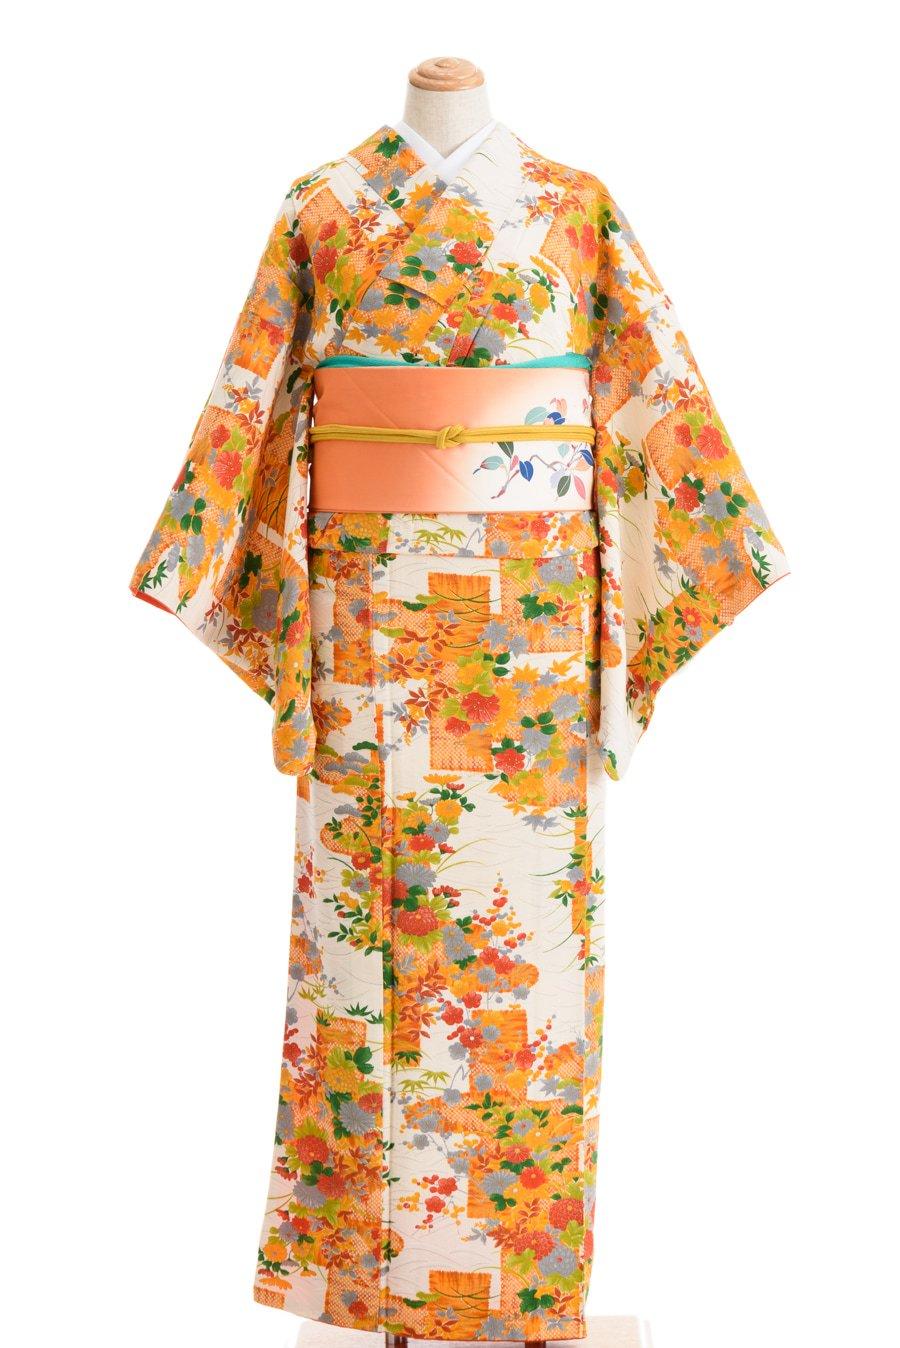 「白とオレンジ 菊・梅・紅葉など」の商品画像